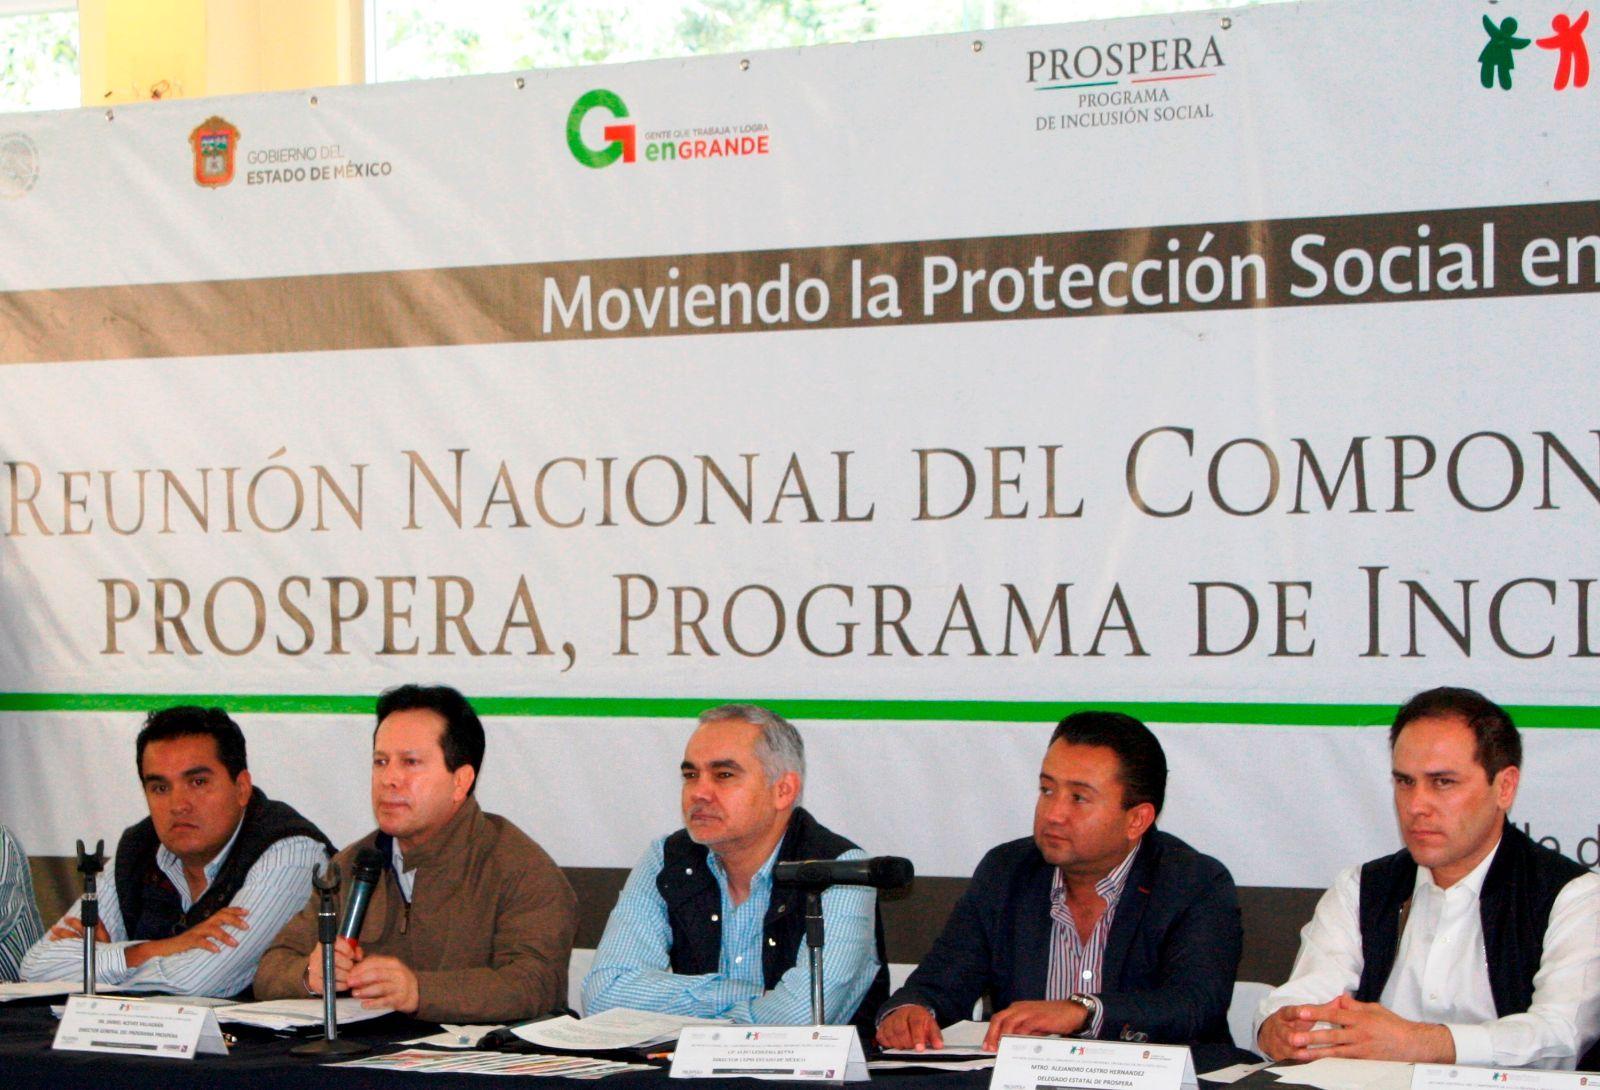 Reducción de 23.4% de los casos de anemia en menores de zonas rurales de México; en mujeres descendió 11.5% - http://plenilunia.com/novedades-medicas/reduccion-de-23-4-de-los-casos-de-anemia-en-menores-de-zonas-rurales-de-mexico-en-mujeres-descendio-11-5/35967/